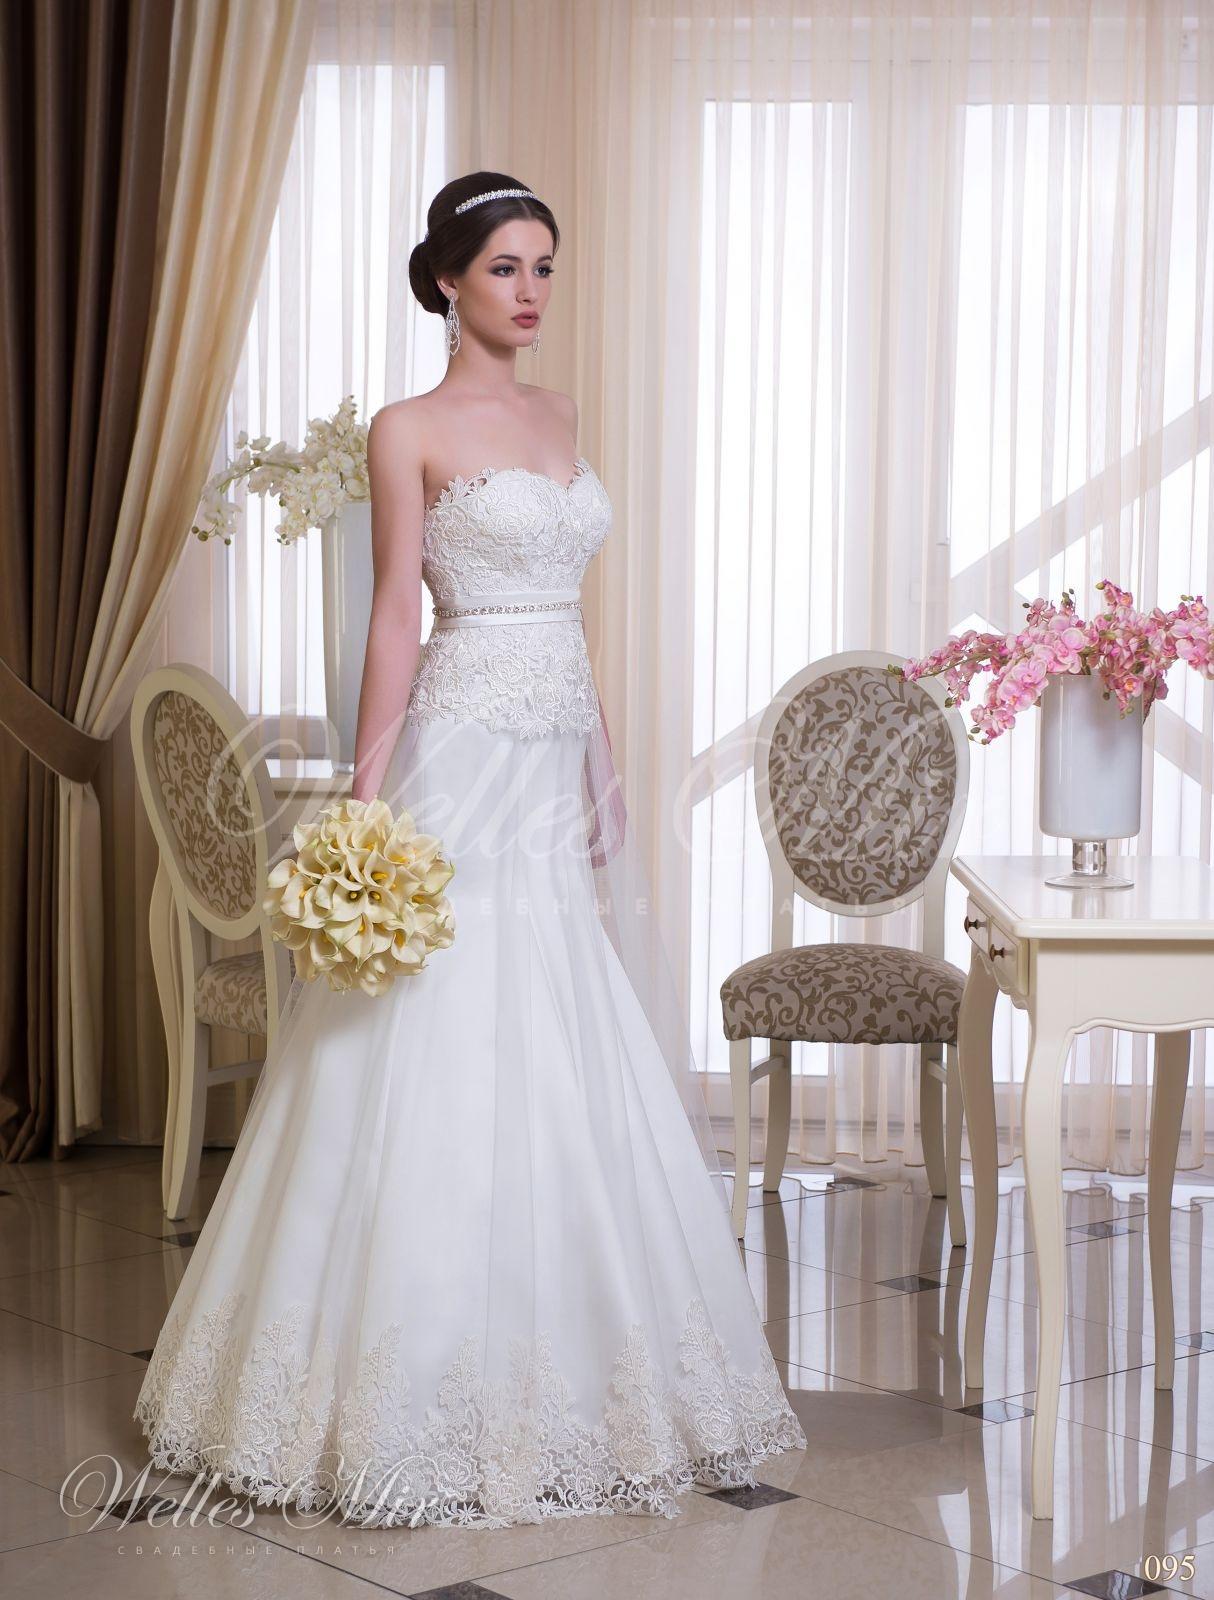 Свадебные платья Charming Elegance - 095